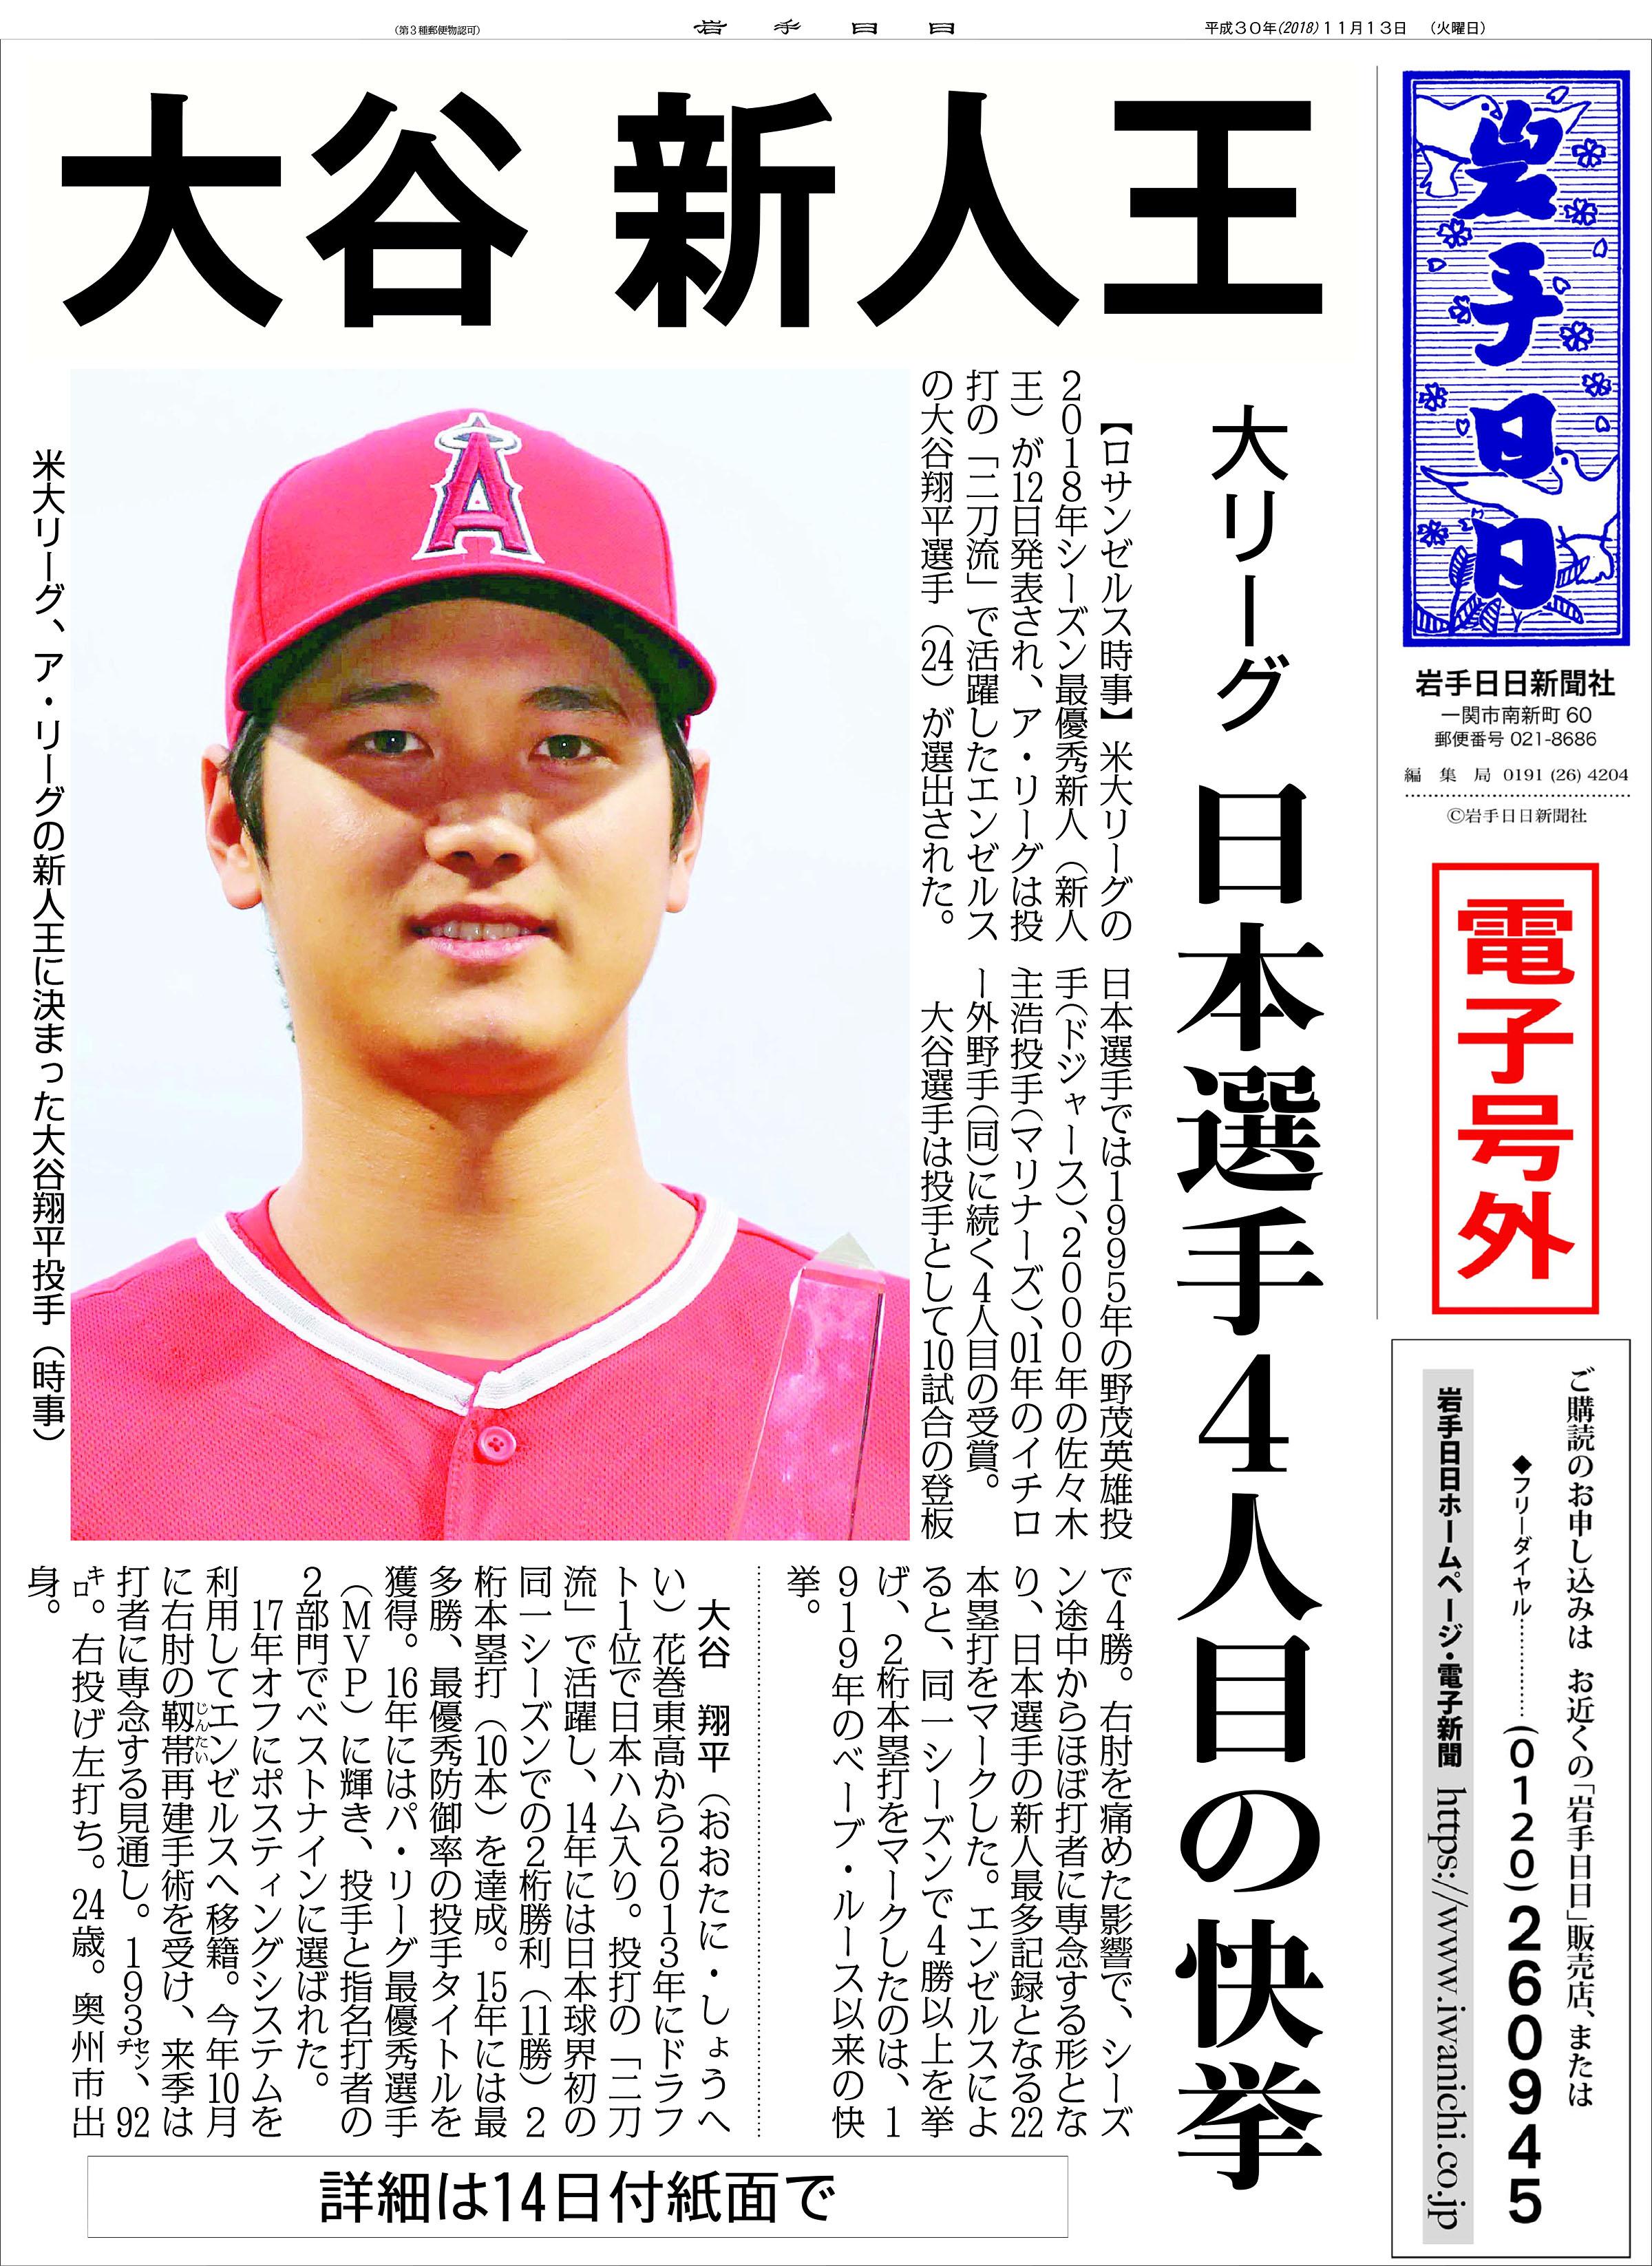 【電子号外】メジャー「二刀流」大谷翔平